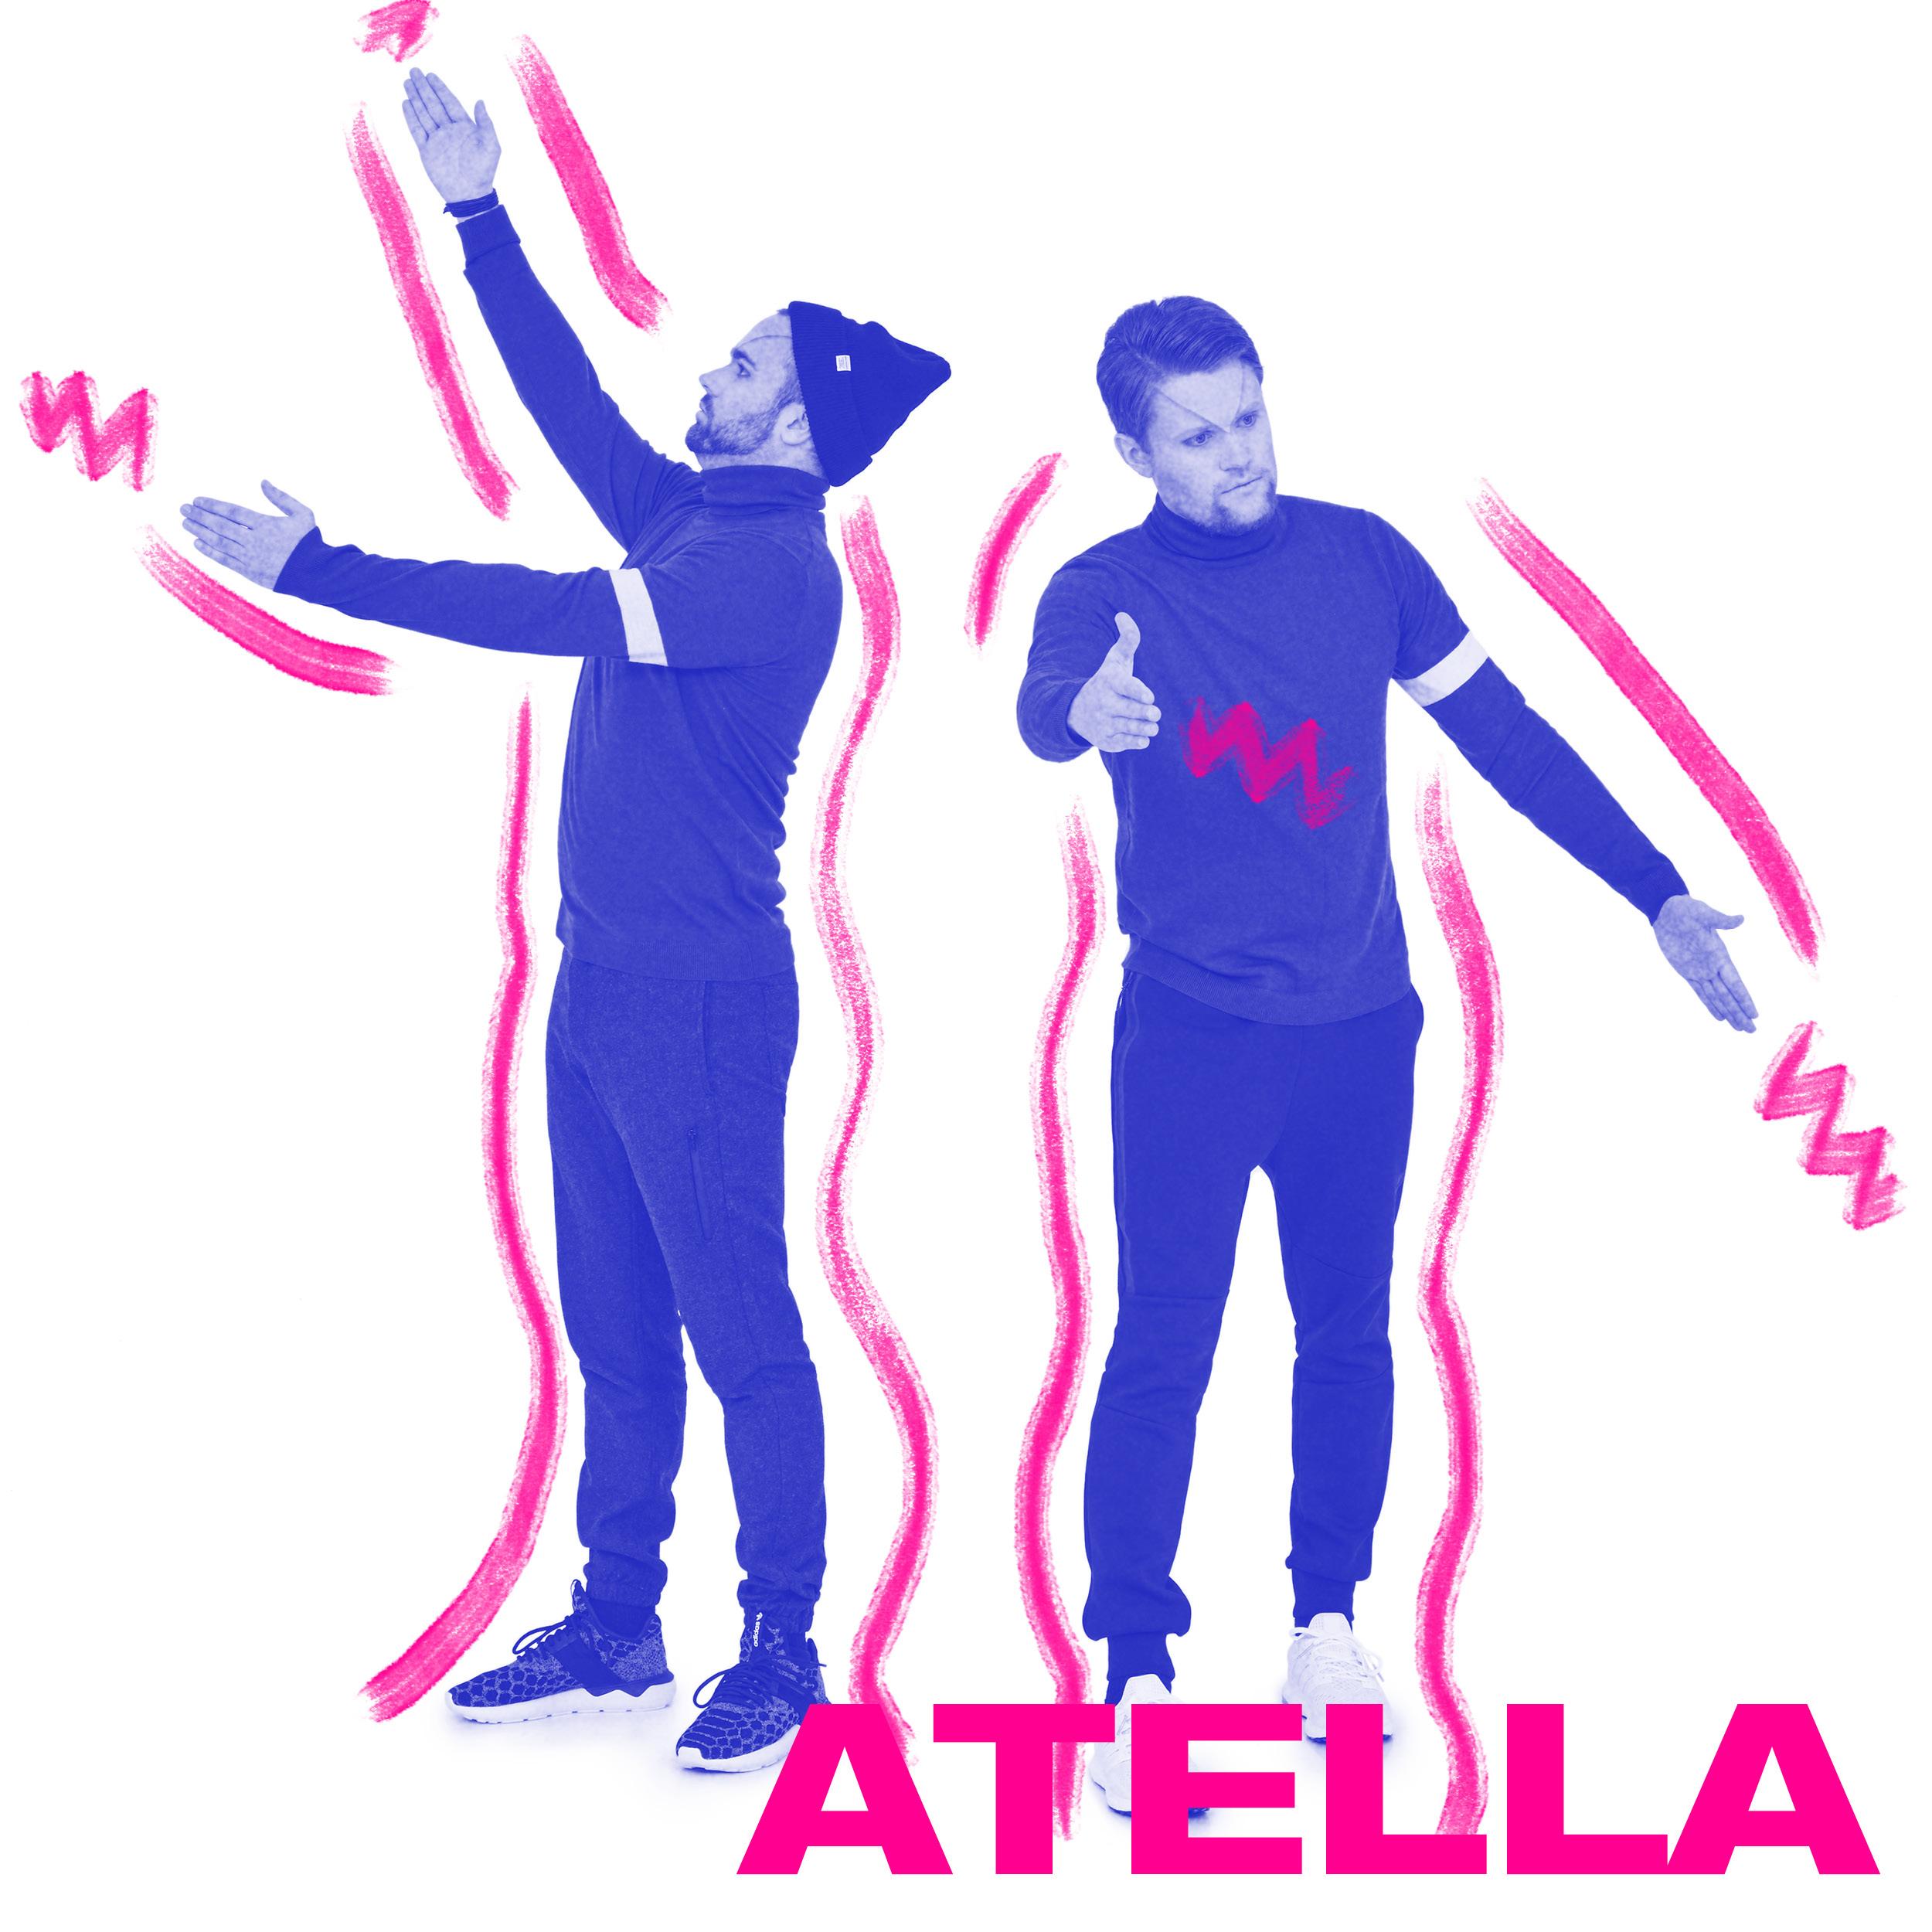 Atella er en elektronisk duo fra Norge. Deres eklektiske musikalitet danner en unik sound, enten det er atmosfærisk cosmo pop eller mer rytmisk klubbmusikk med innslag av disco, house, techno og synth wave.